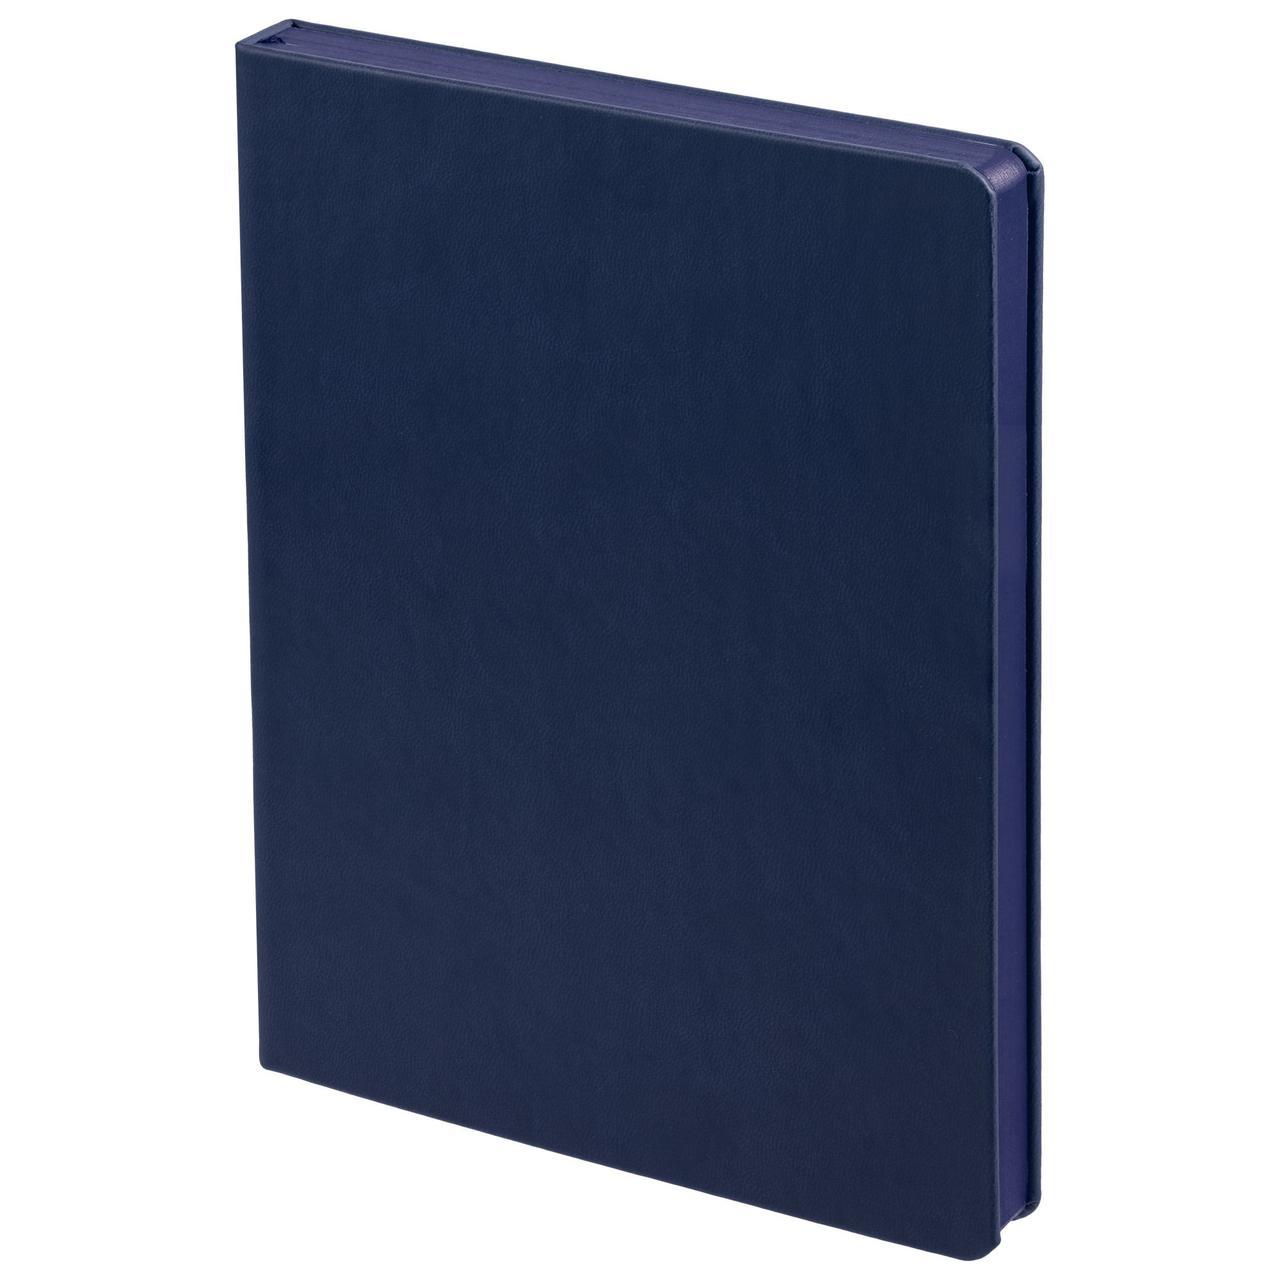 Ежедневник Brand Tone, недатированный, синий (артикул 17882.40)